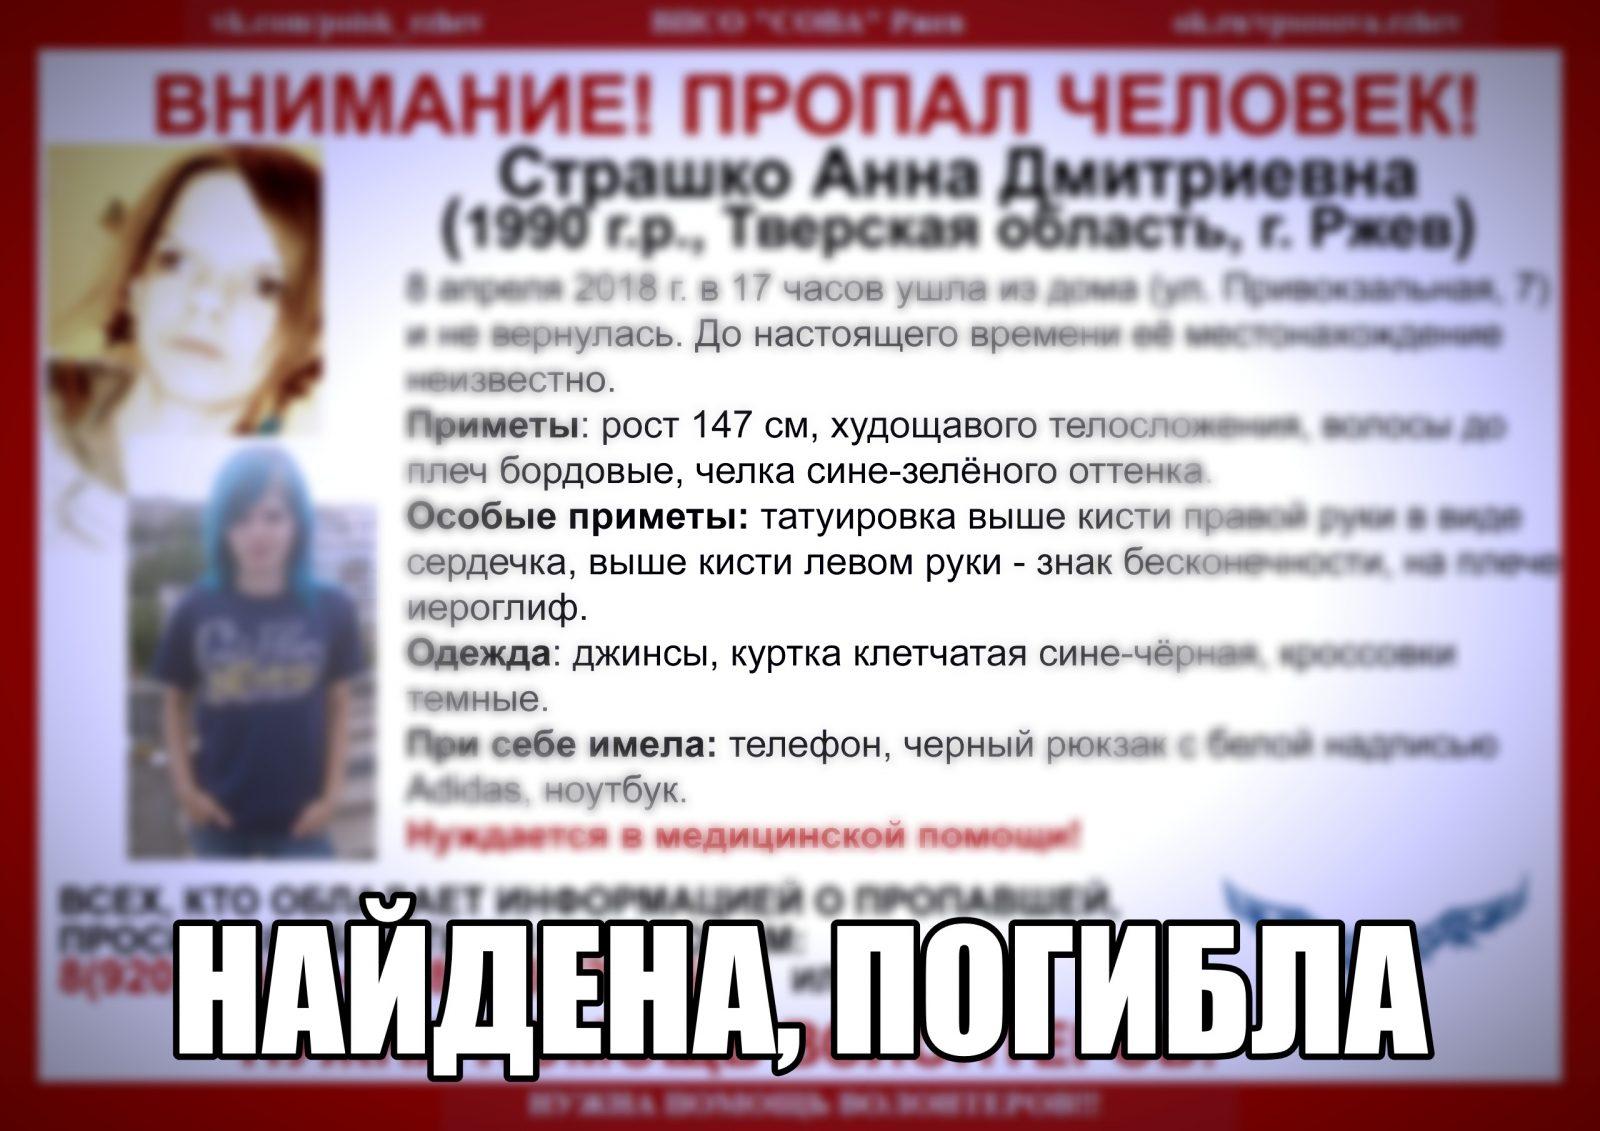 Следователи выяснят обстоятельства смерти Анны Страшко